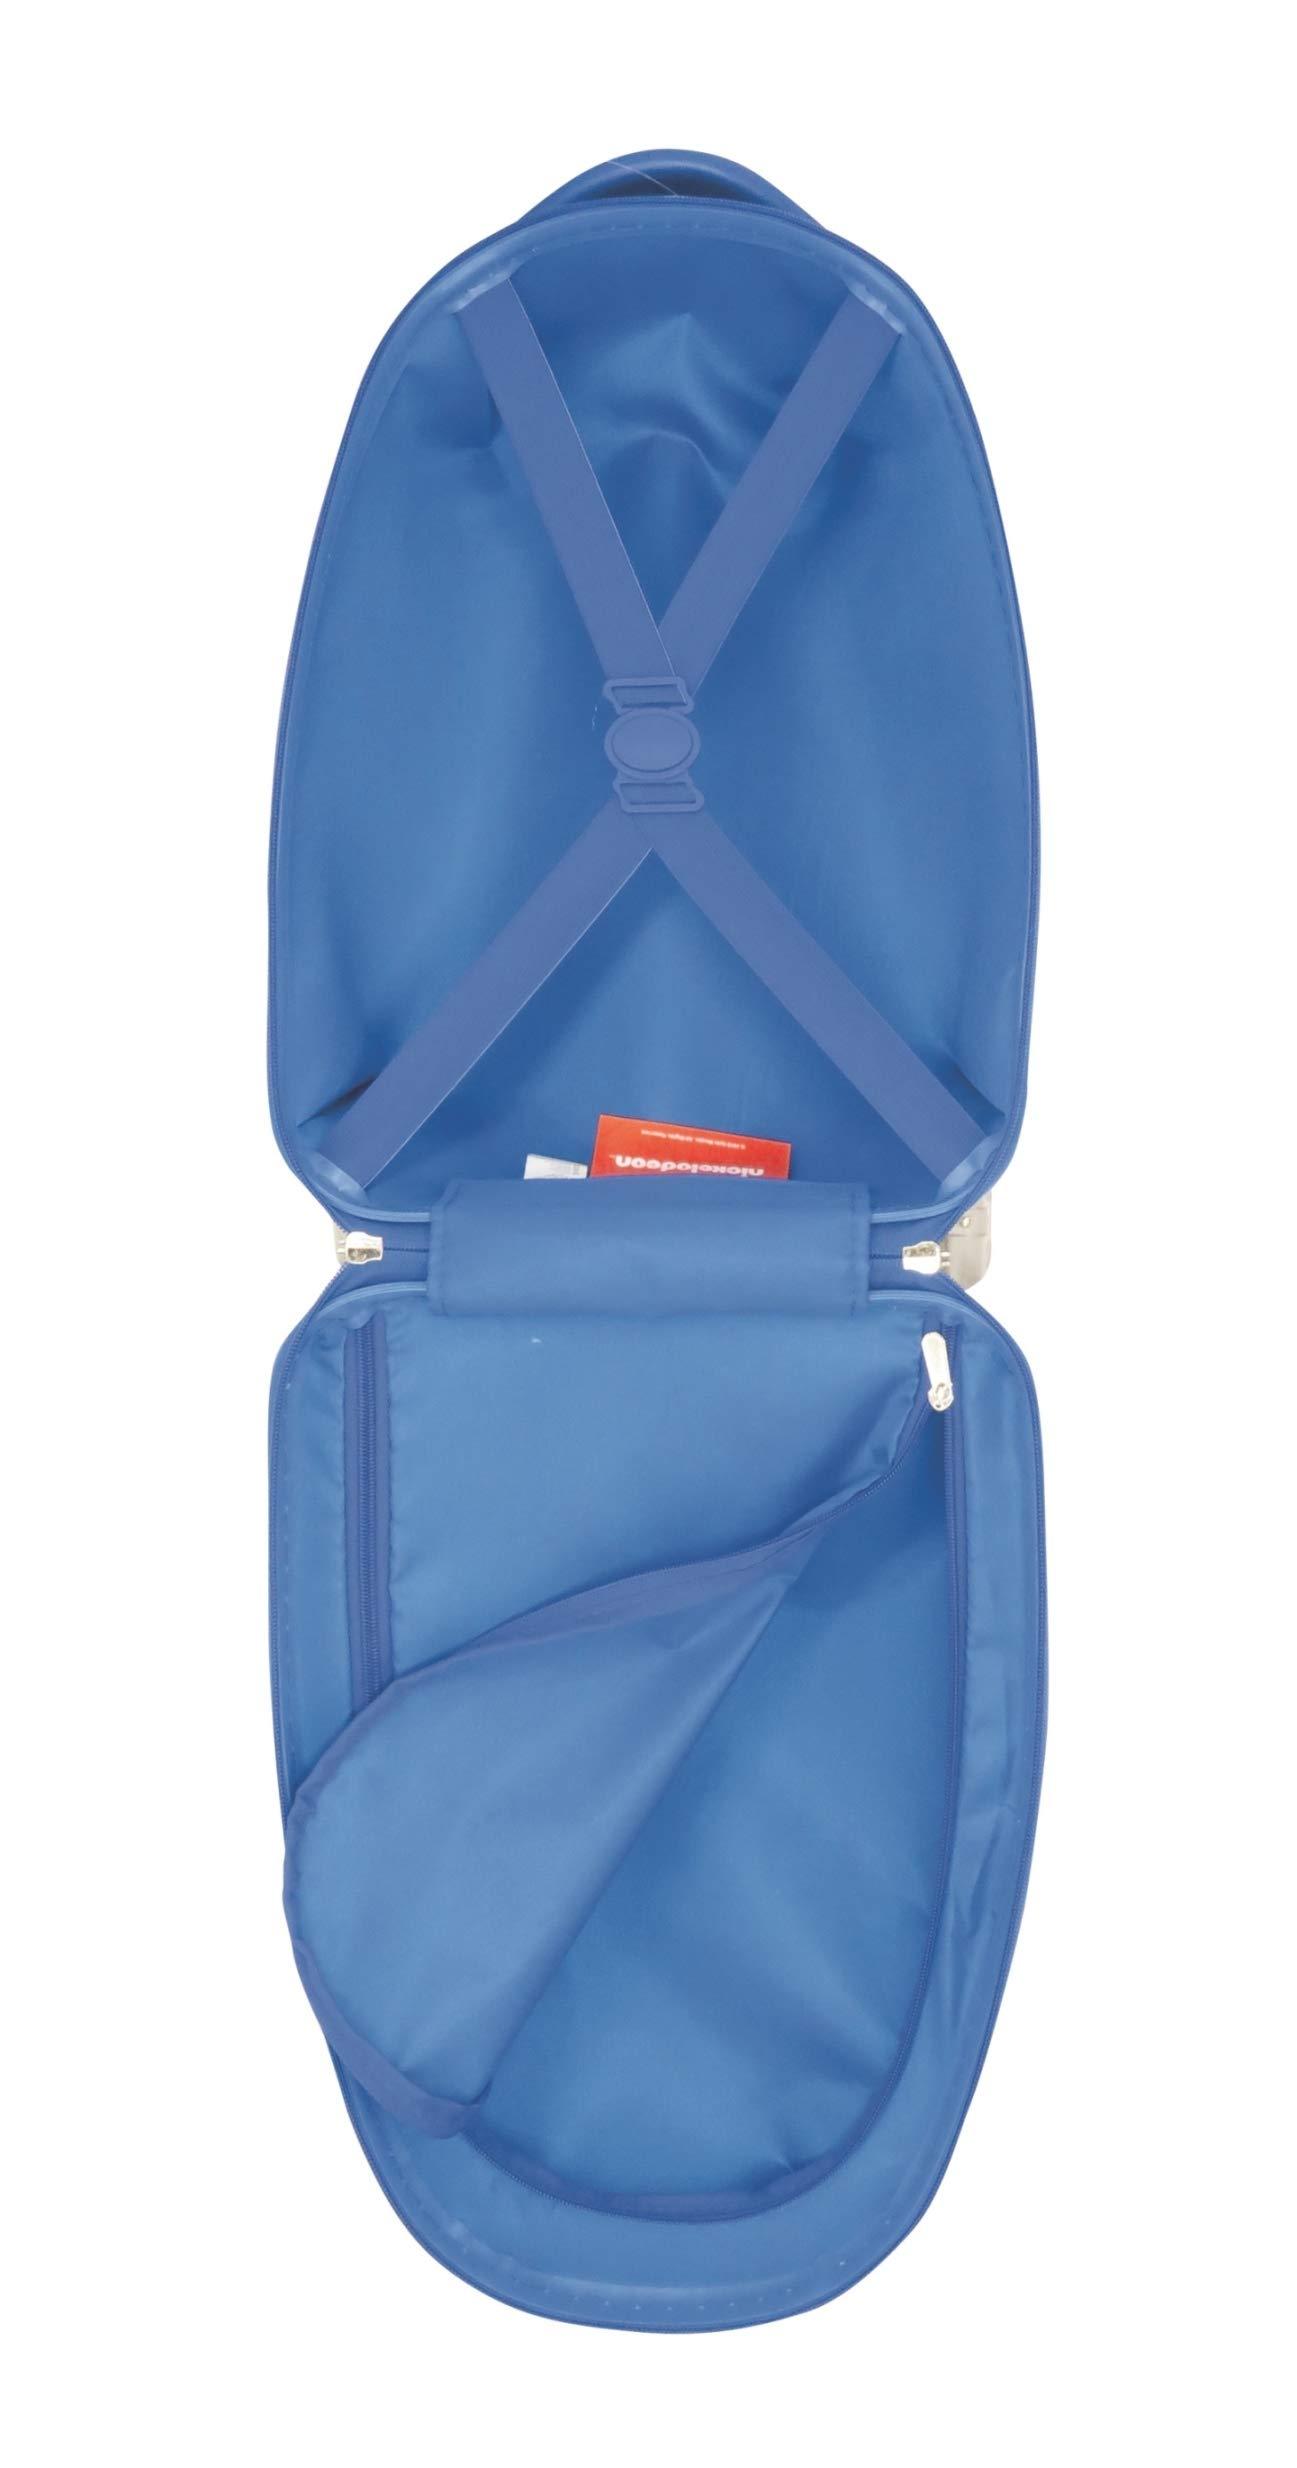 Lexibook-PAW-Patrol-Helfer-auf-Vier-Pfoten-Chase-Koffer-40cm-stofest-mit-leuchtenden-Rdern-blau-FSC100PA